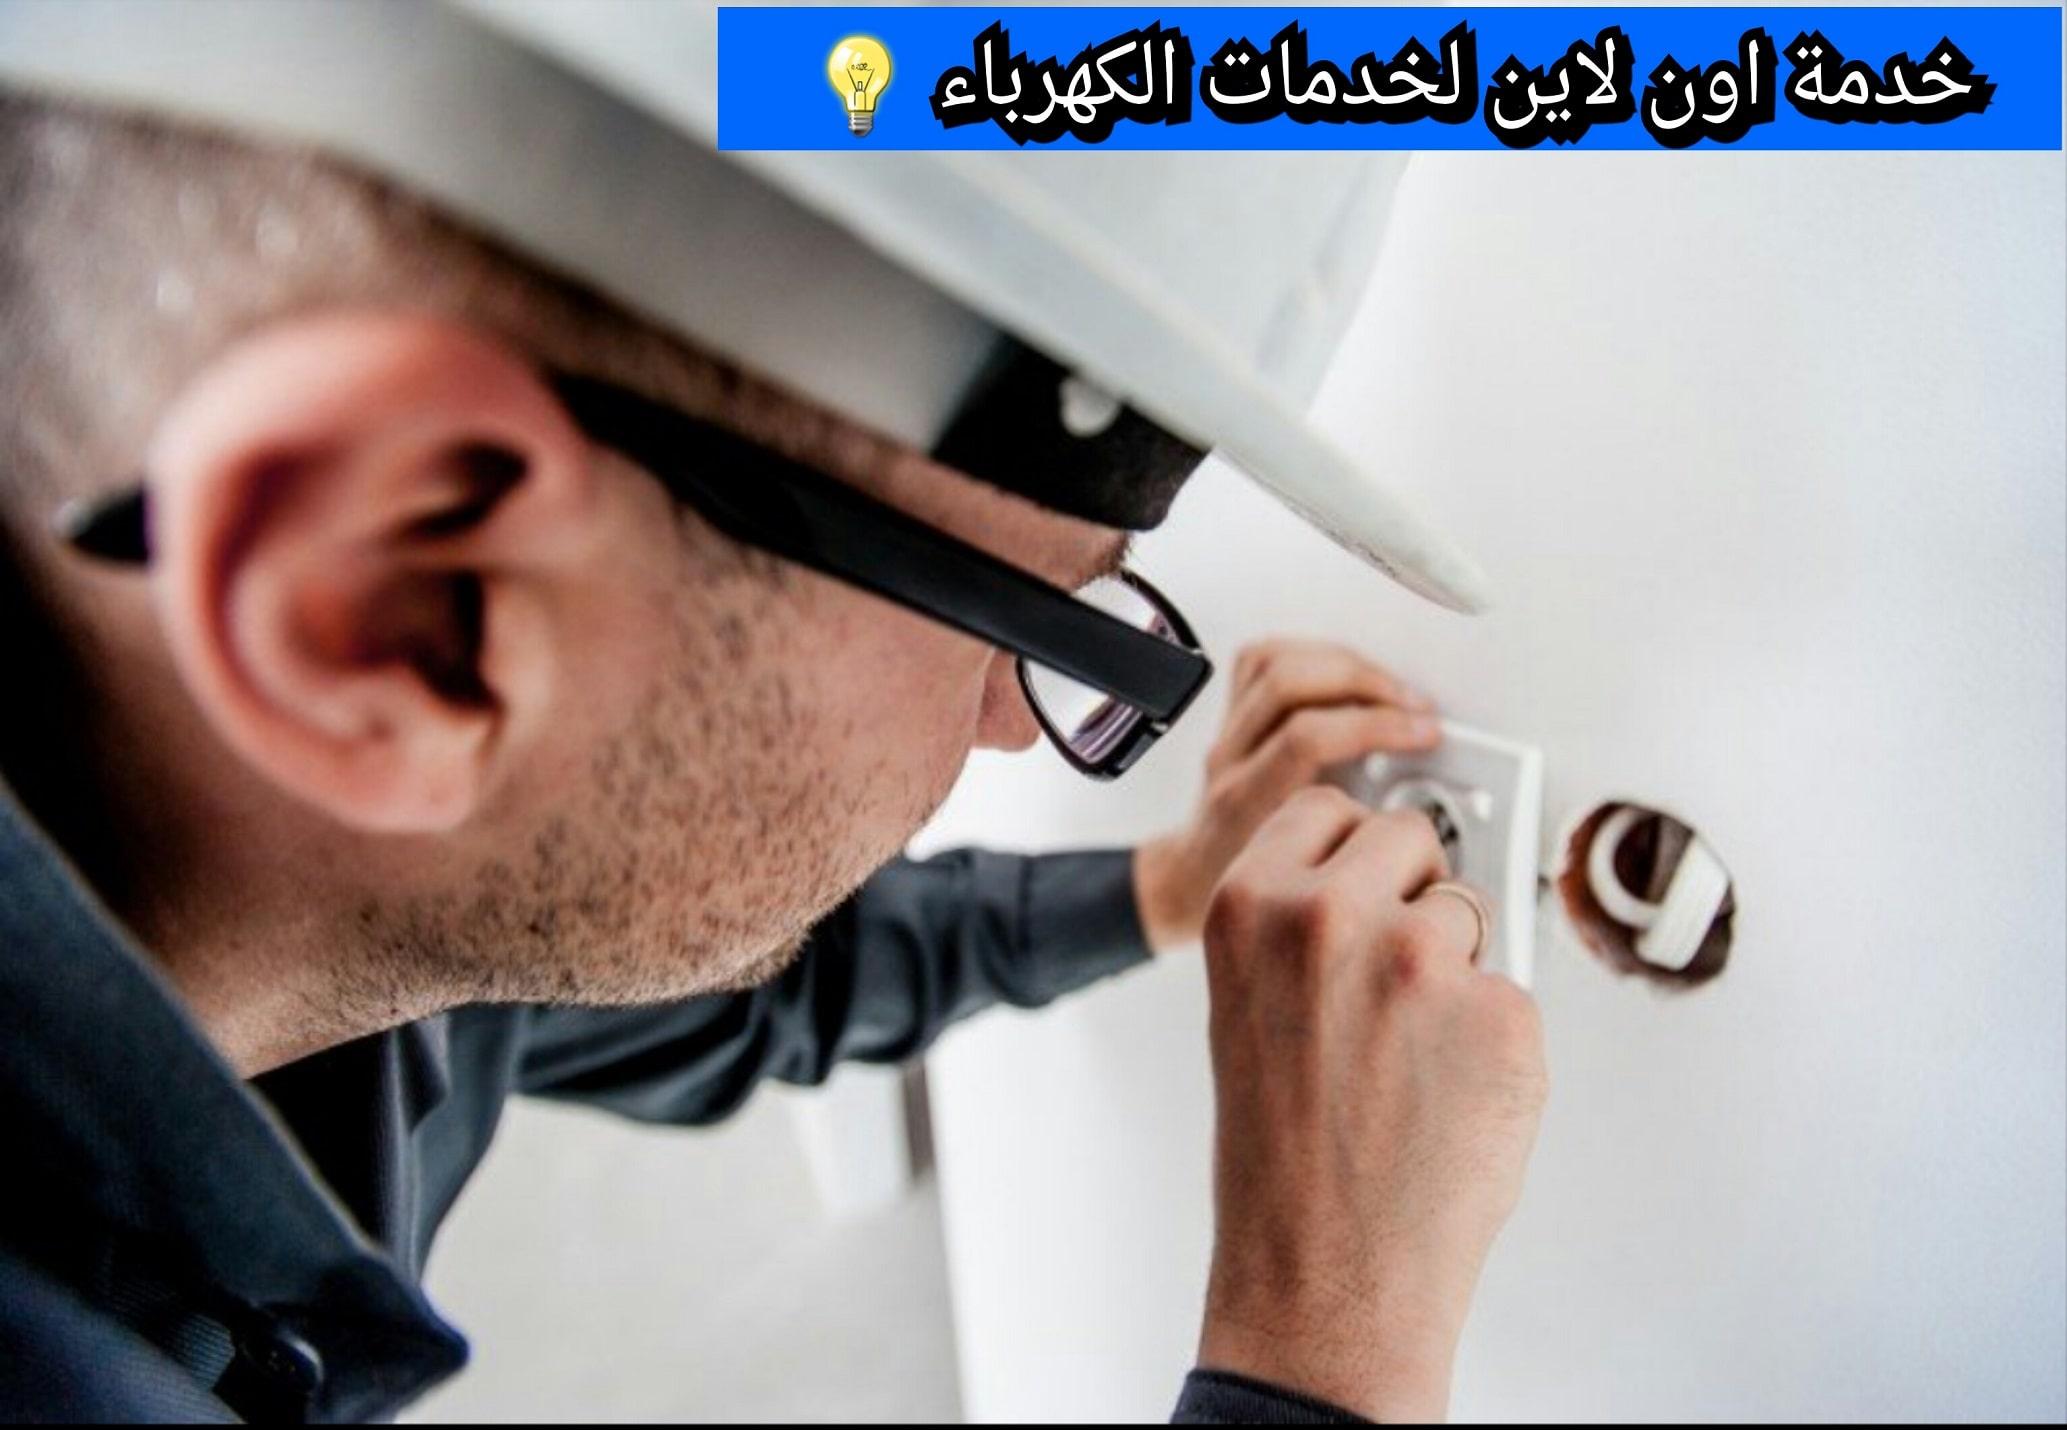 فنى كهربائي بالطائف مقاول كهرباء بالطائف